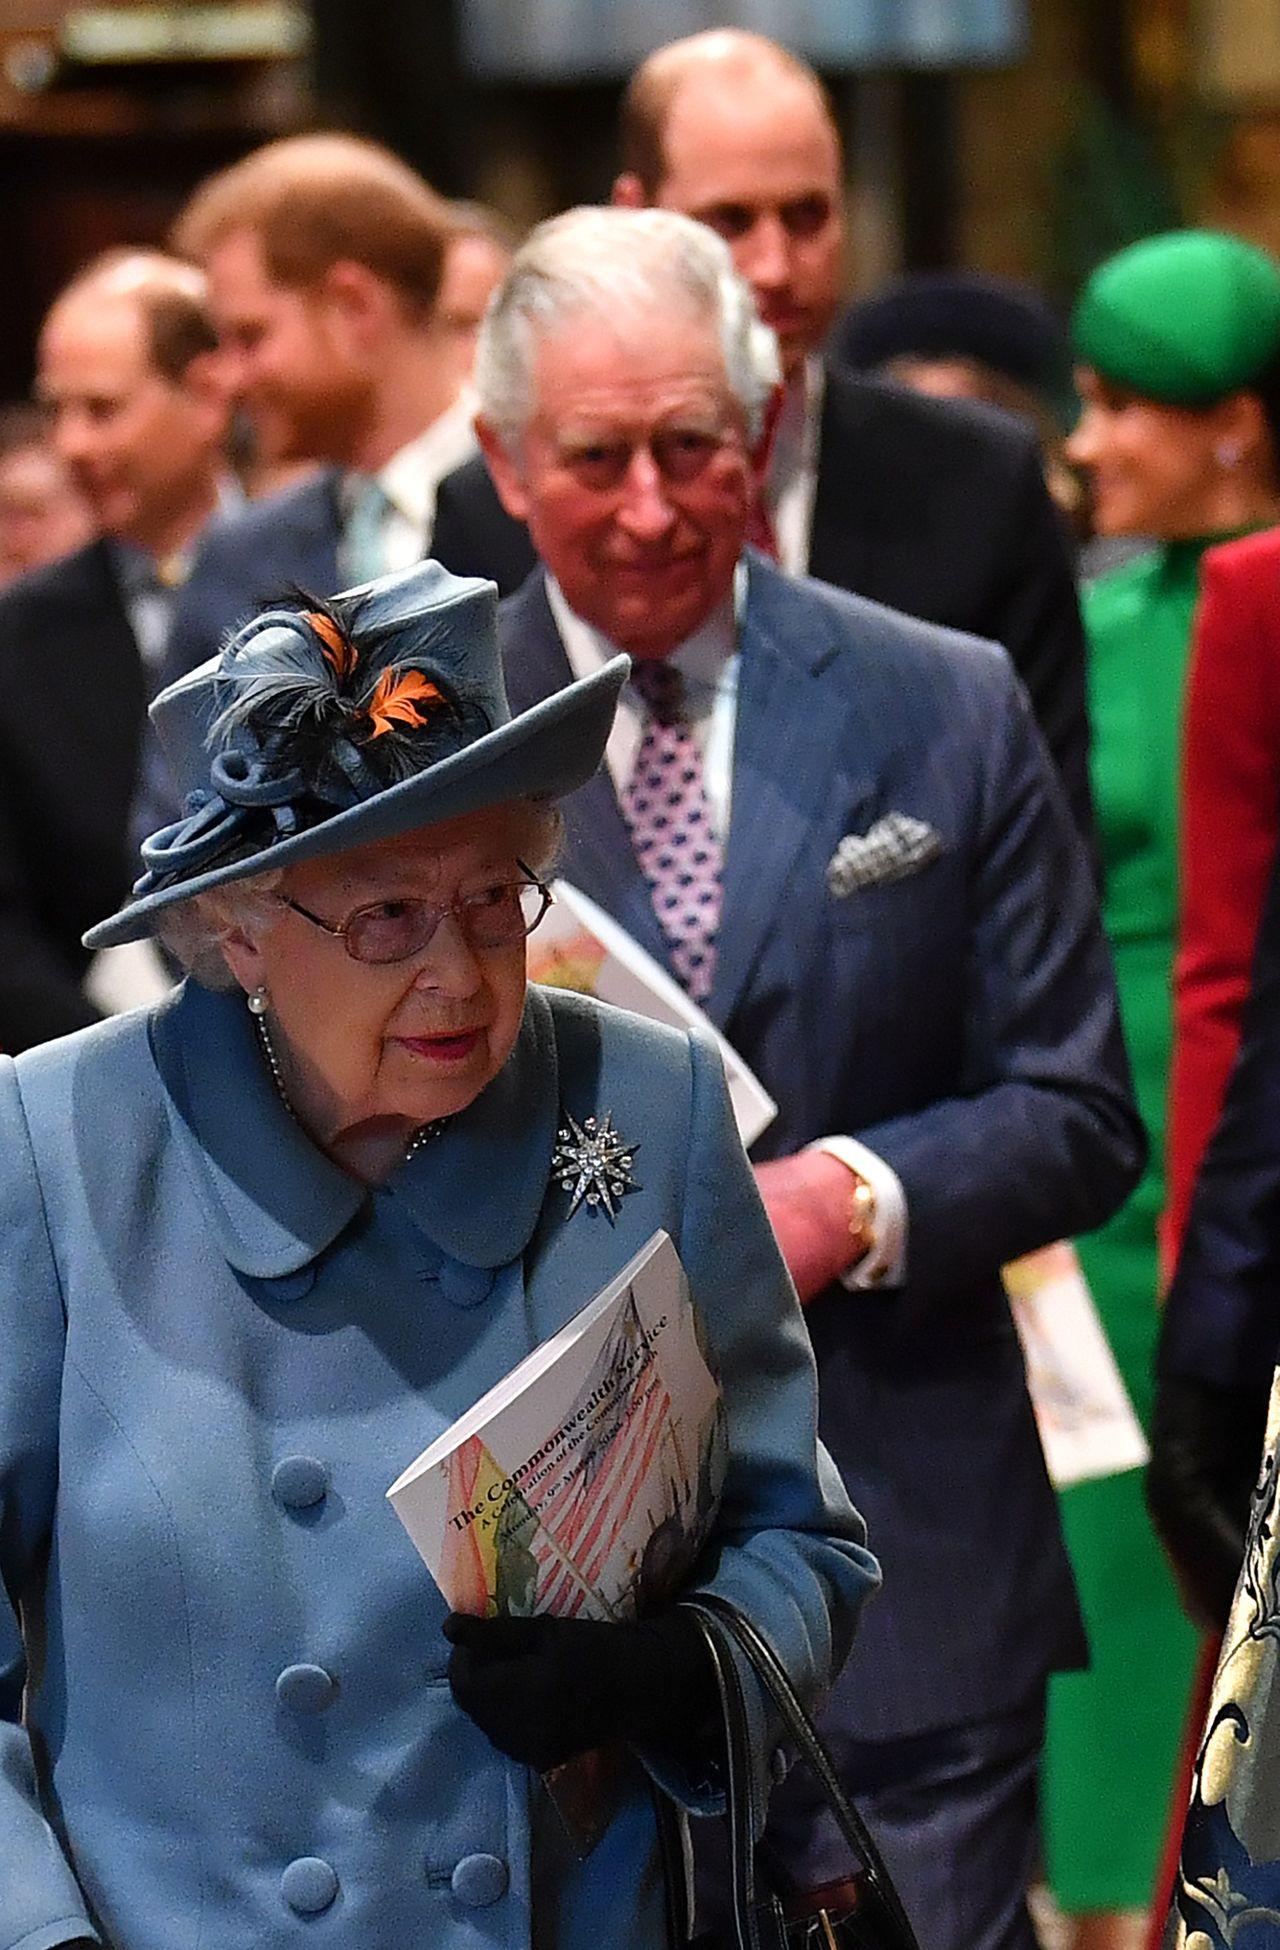 Królowa Elżbieta i Książę Karol na Dniu Wspólnoty, wtedy Karol był w pełni zdrowia.